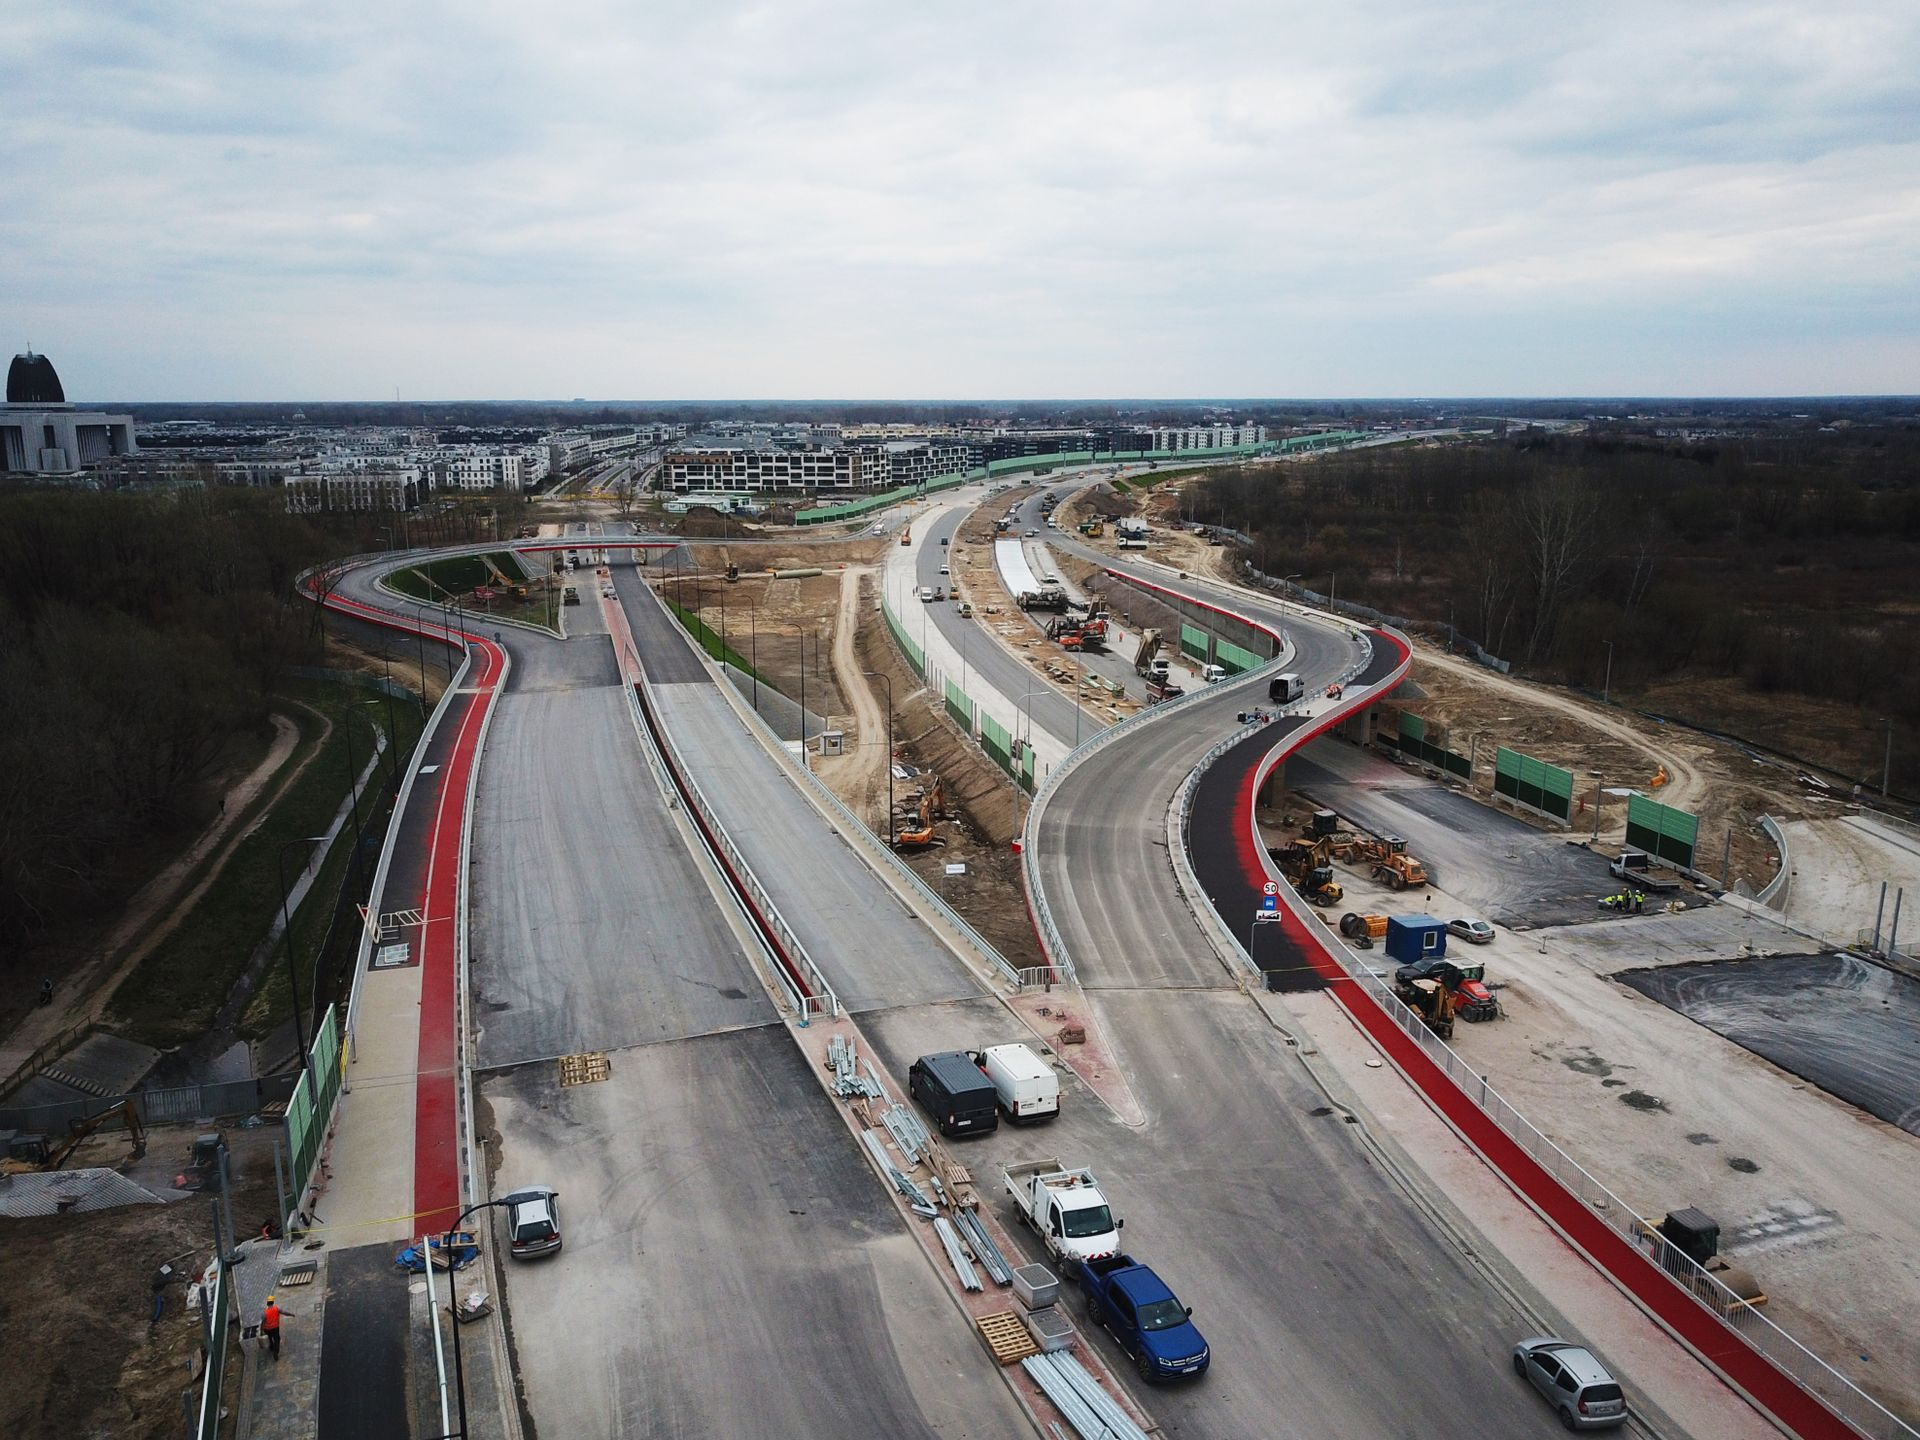 Trwa budowa Południowej Obwodnicy Warszawy w ciągu drogi ekspresowej S2 [ZDJĘCIA + FILM]